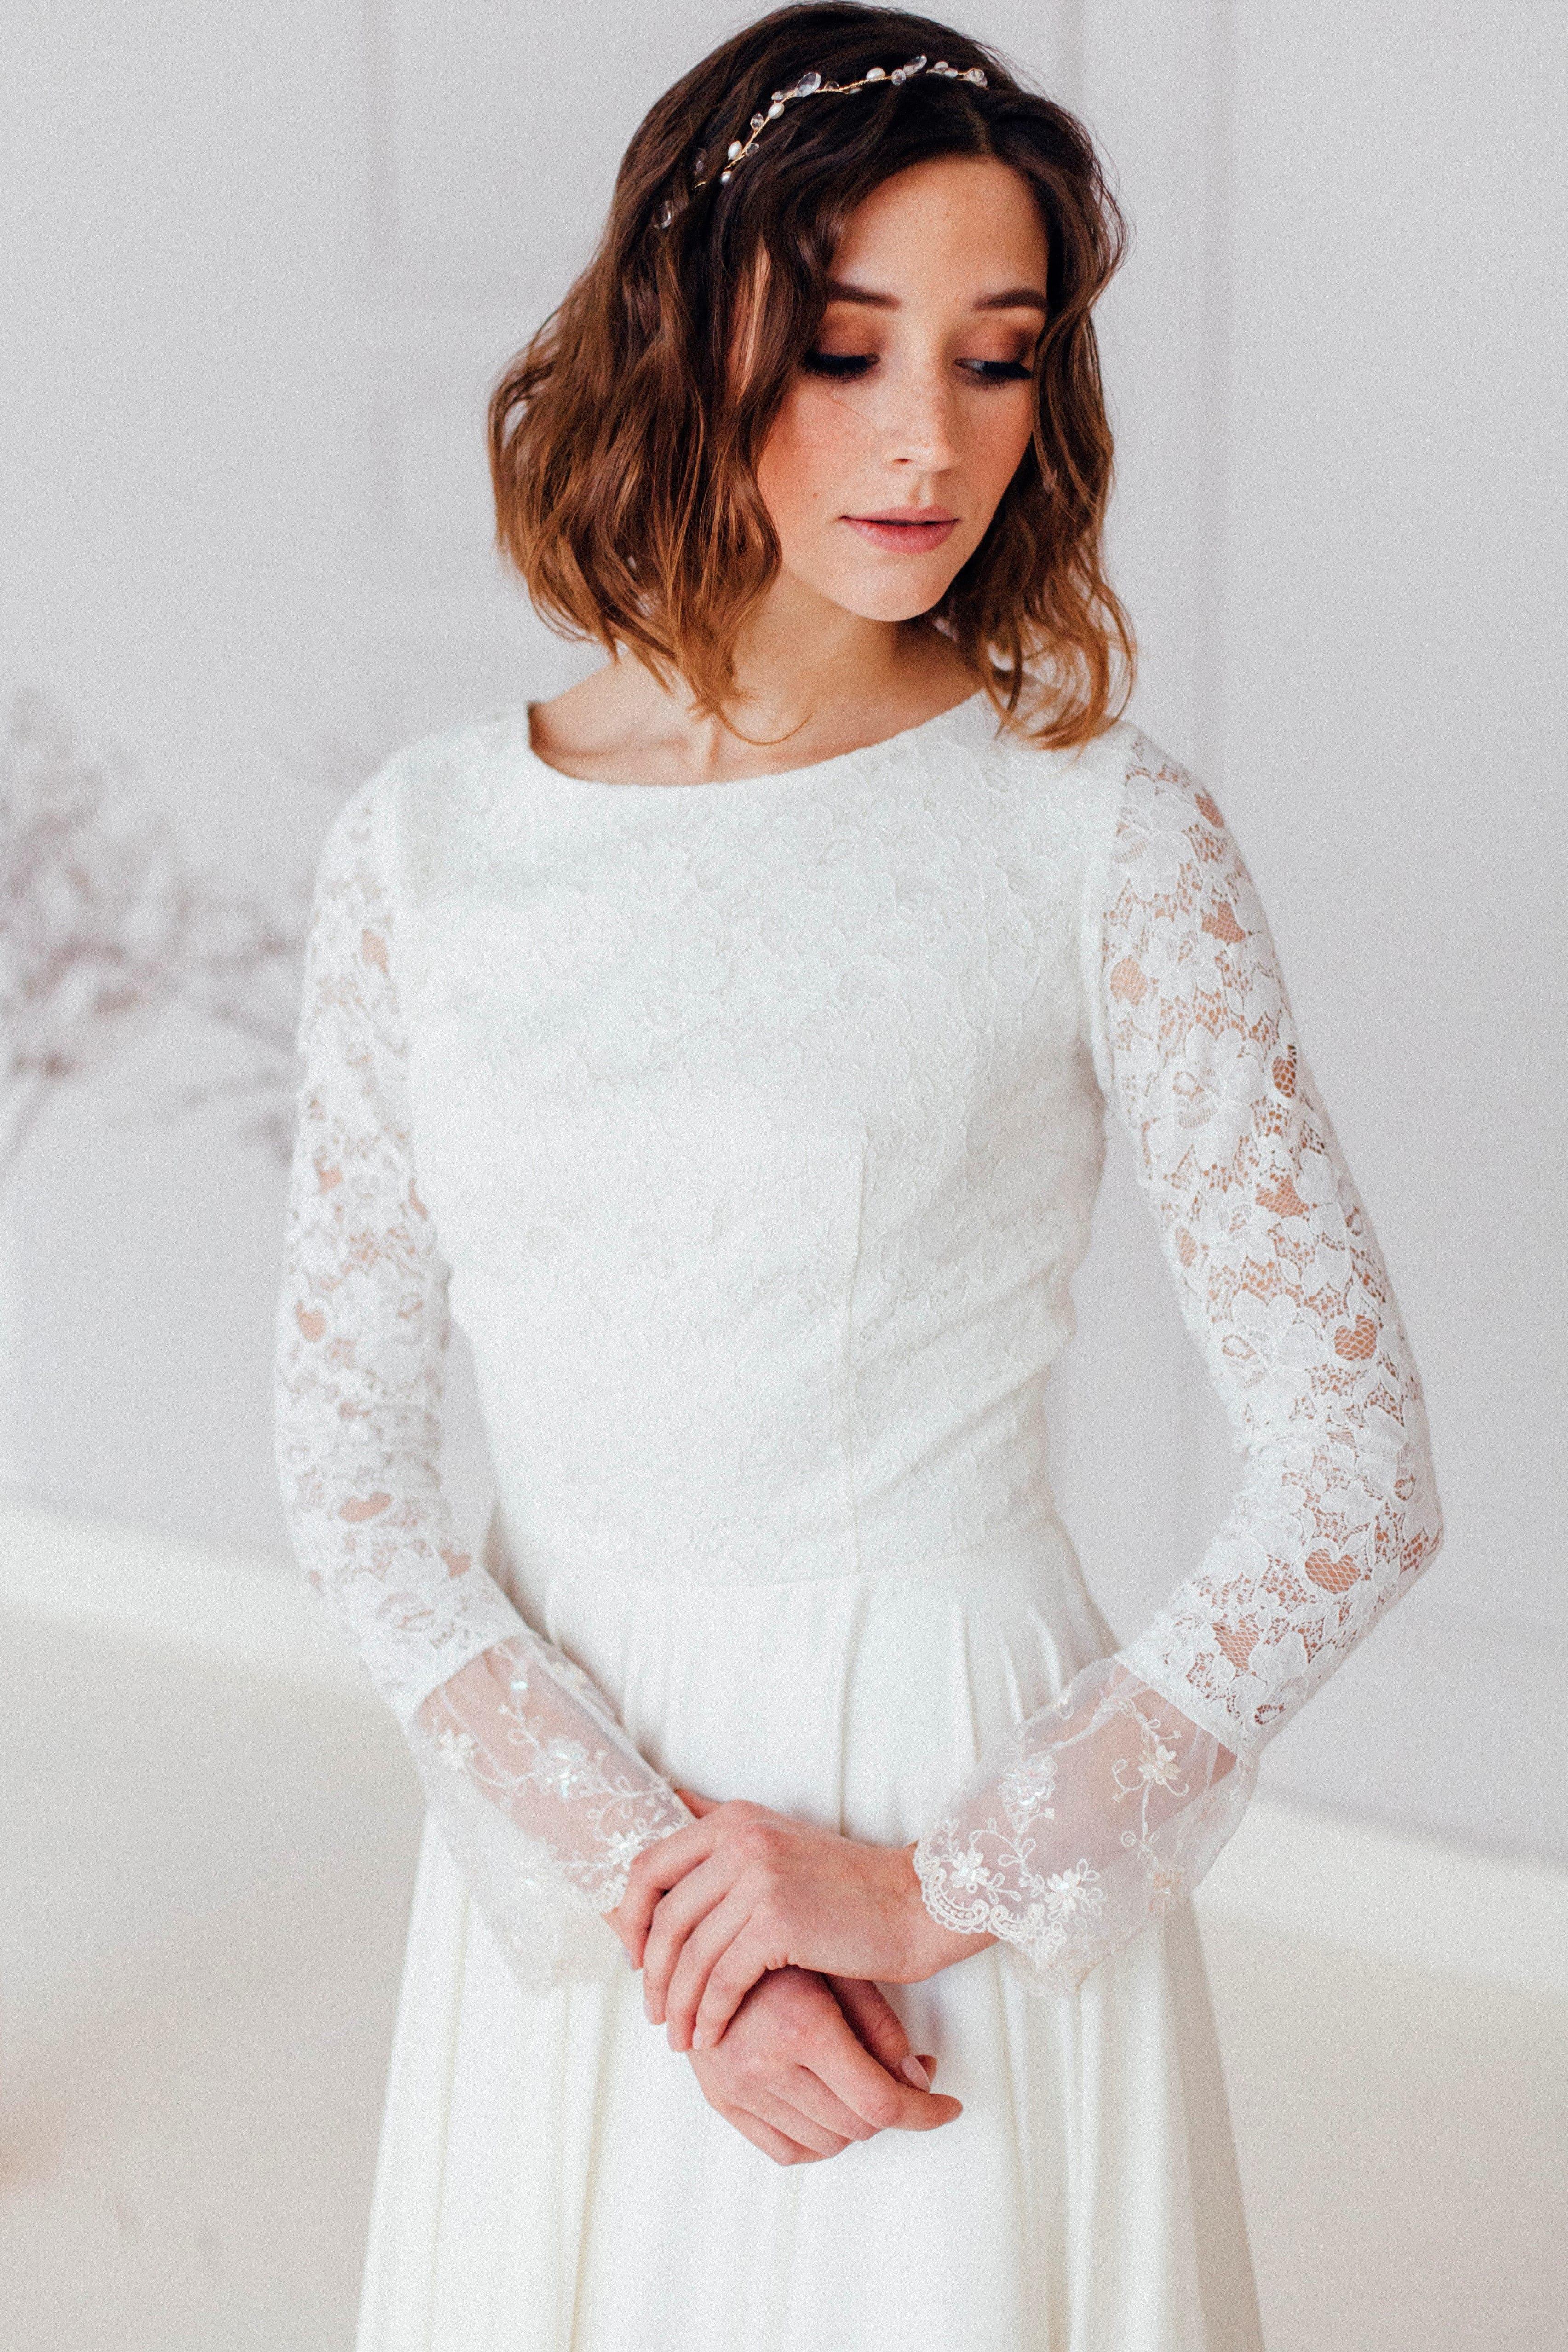 Свадебное платье ZHINA, коллекция REFINED ELEGANCE, бренд OKA NOMO, фото 2